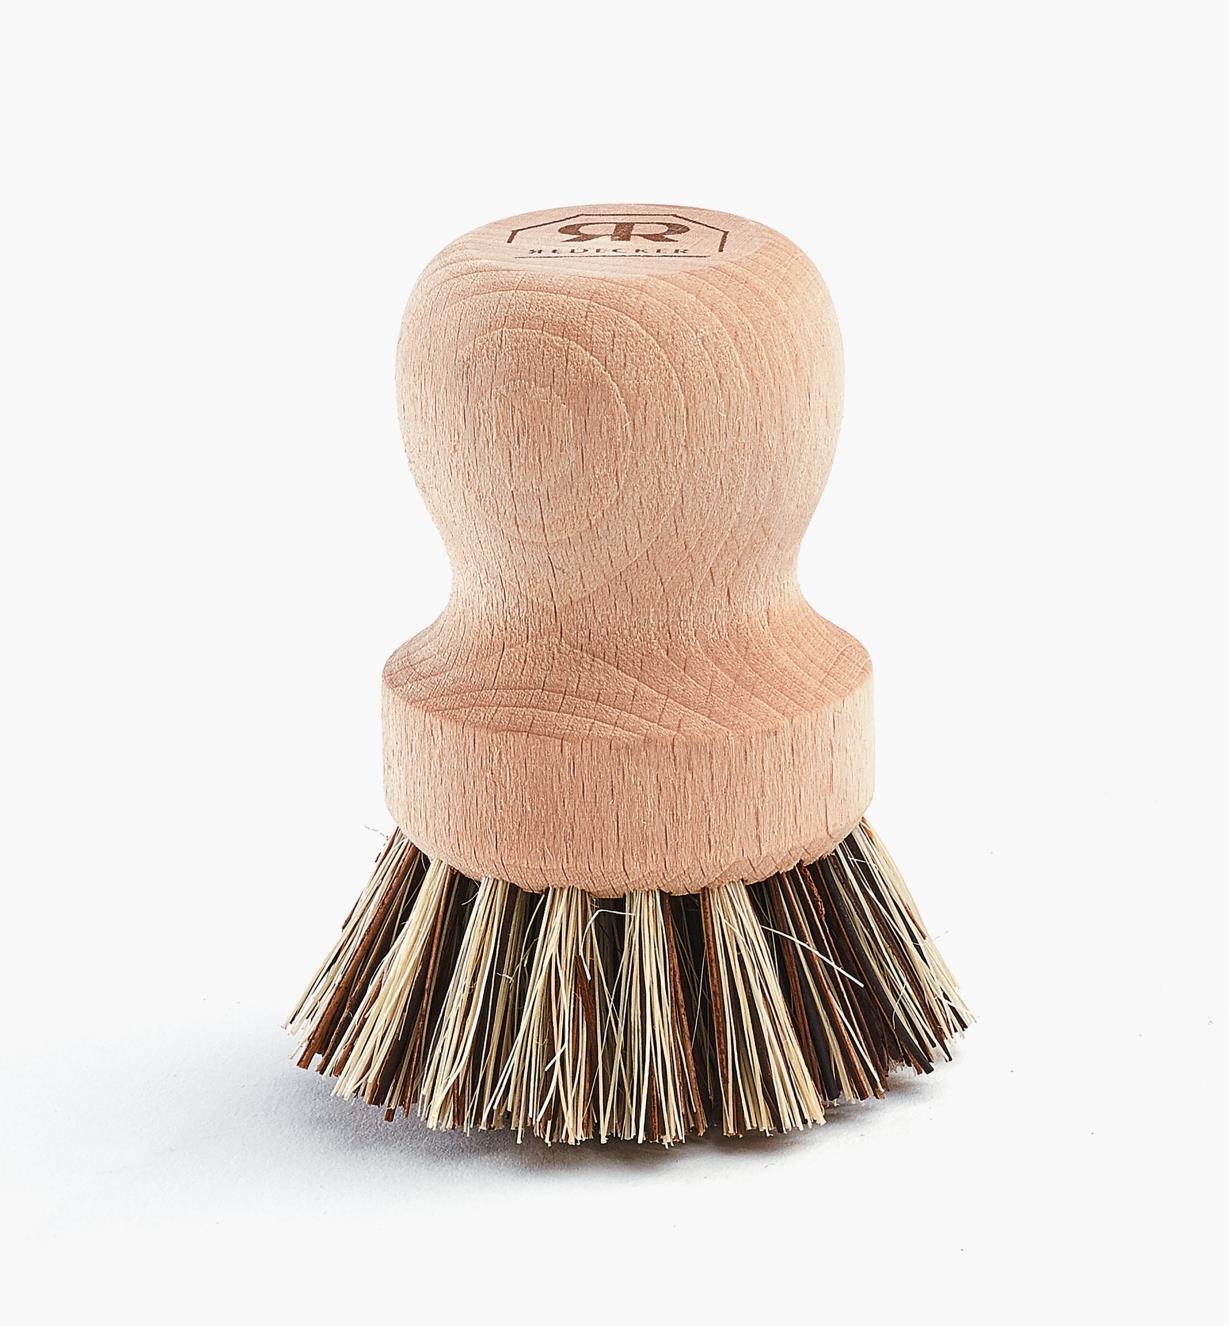 DB308 - Scouring Brush